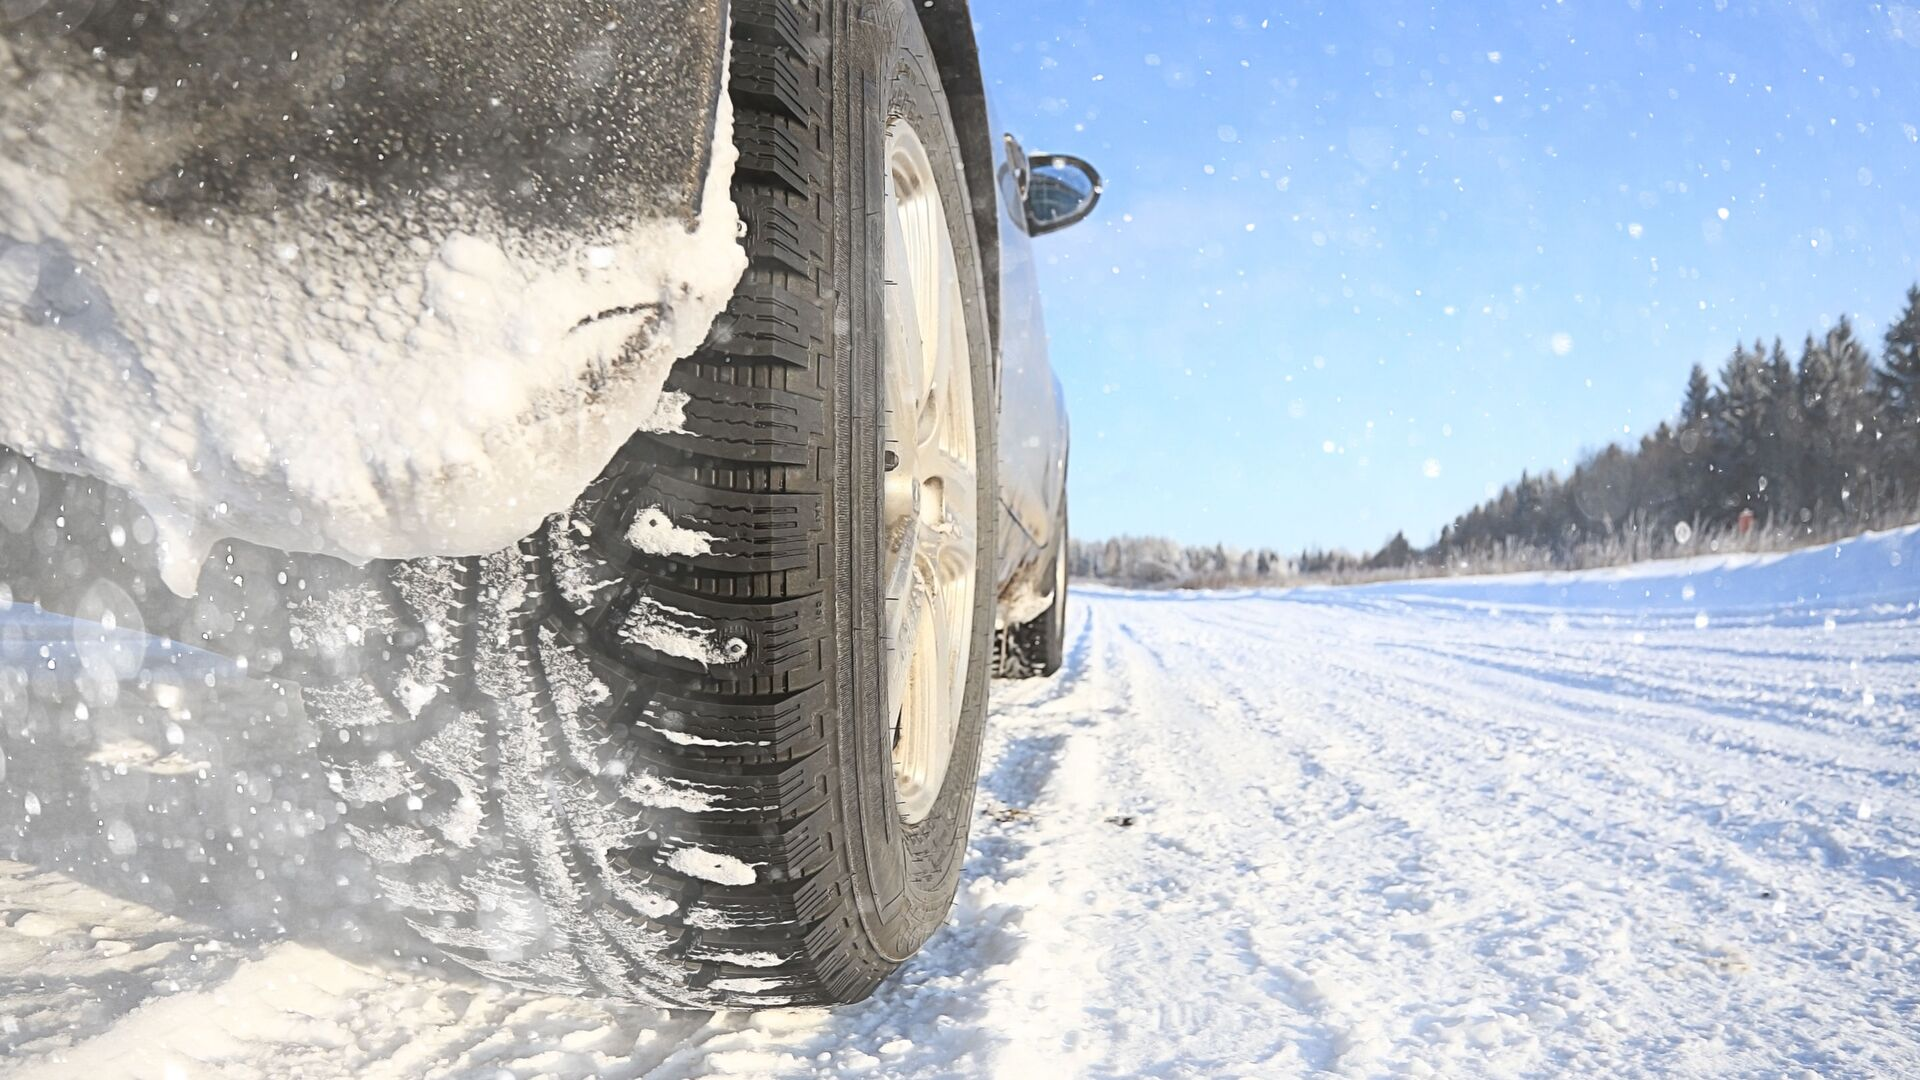 Автомобиль на снежной дороге - РИА Новости, 1920, 24.01.2021